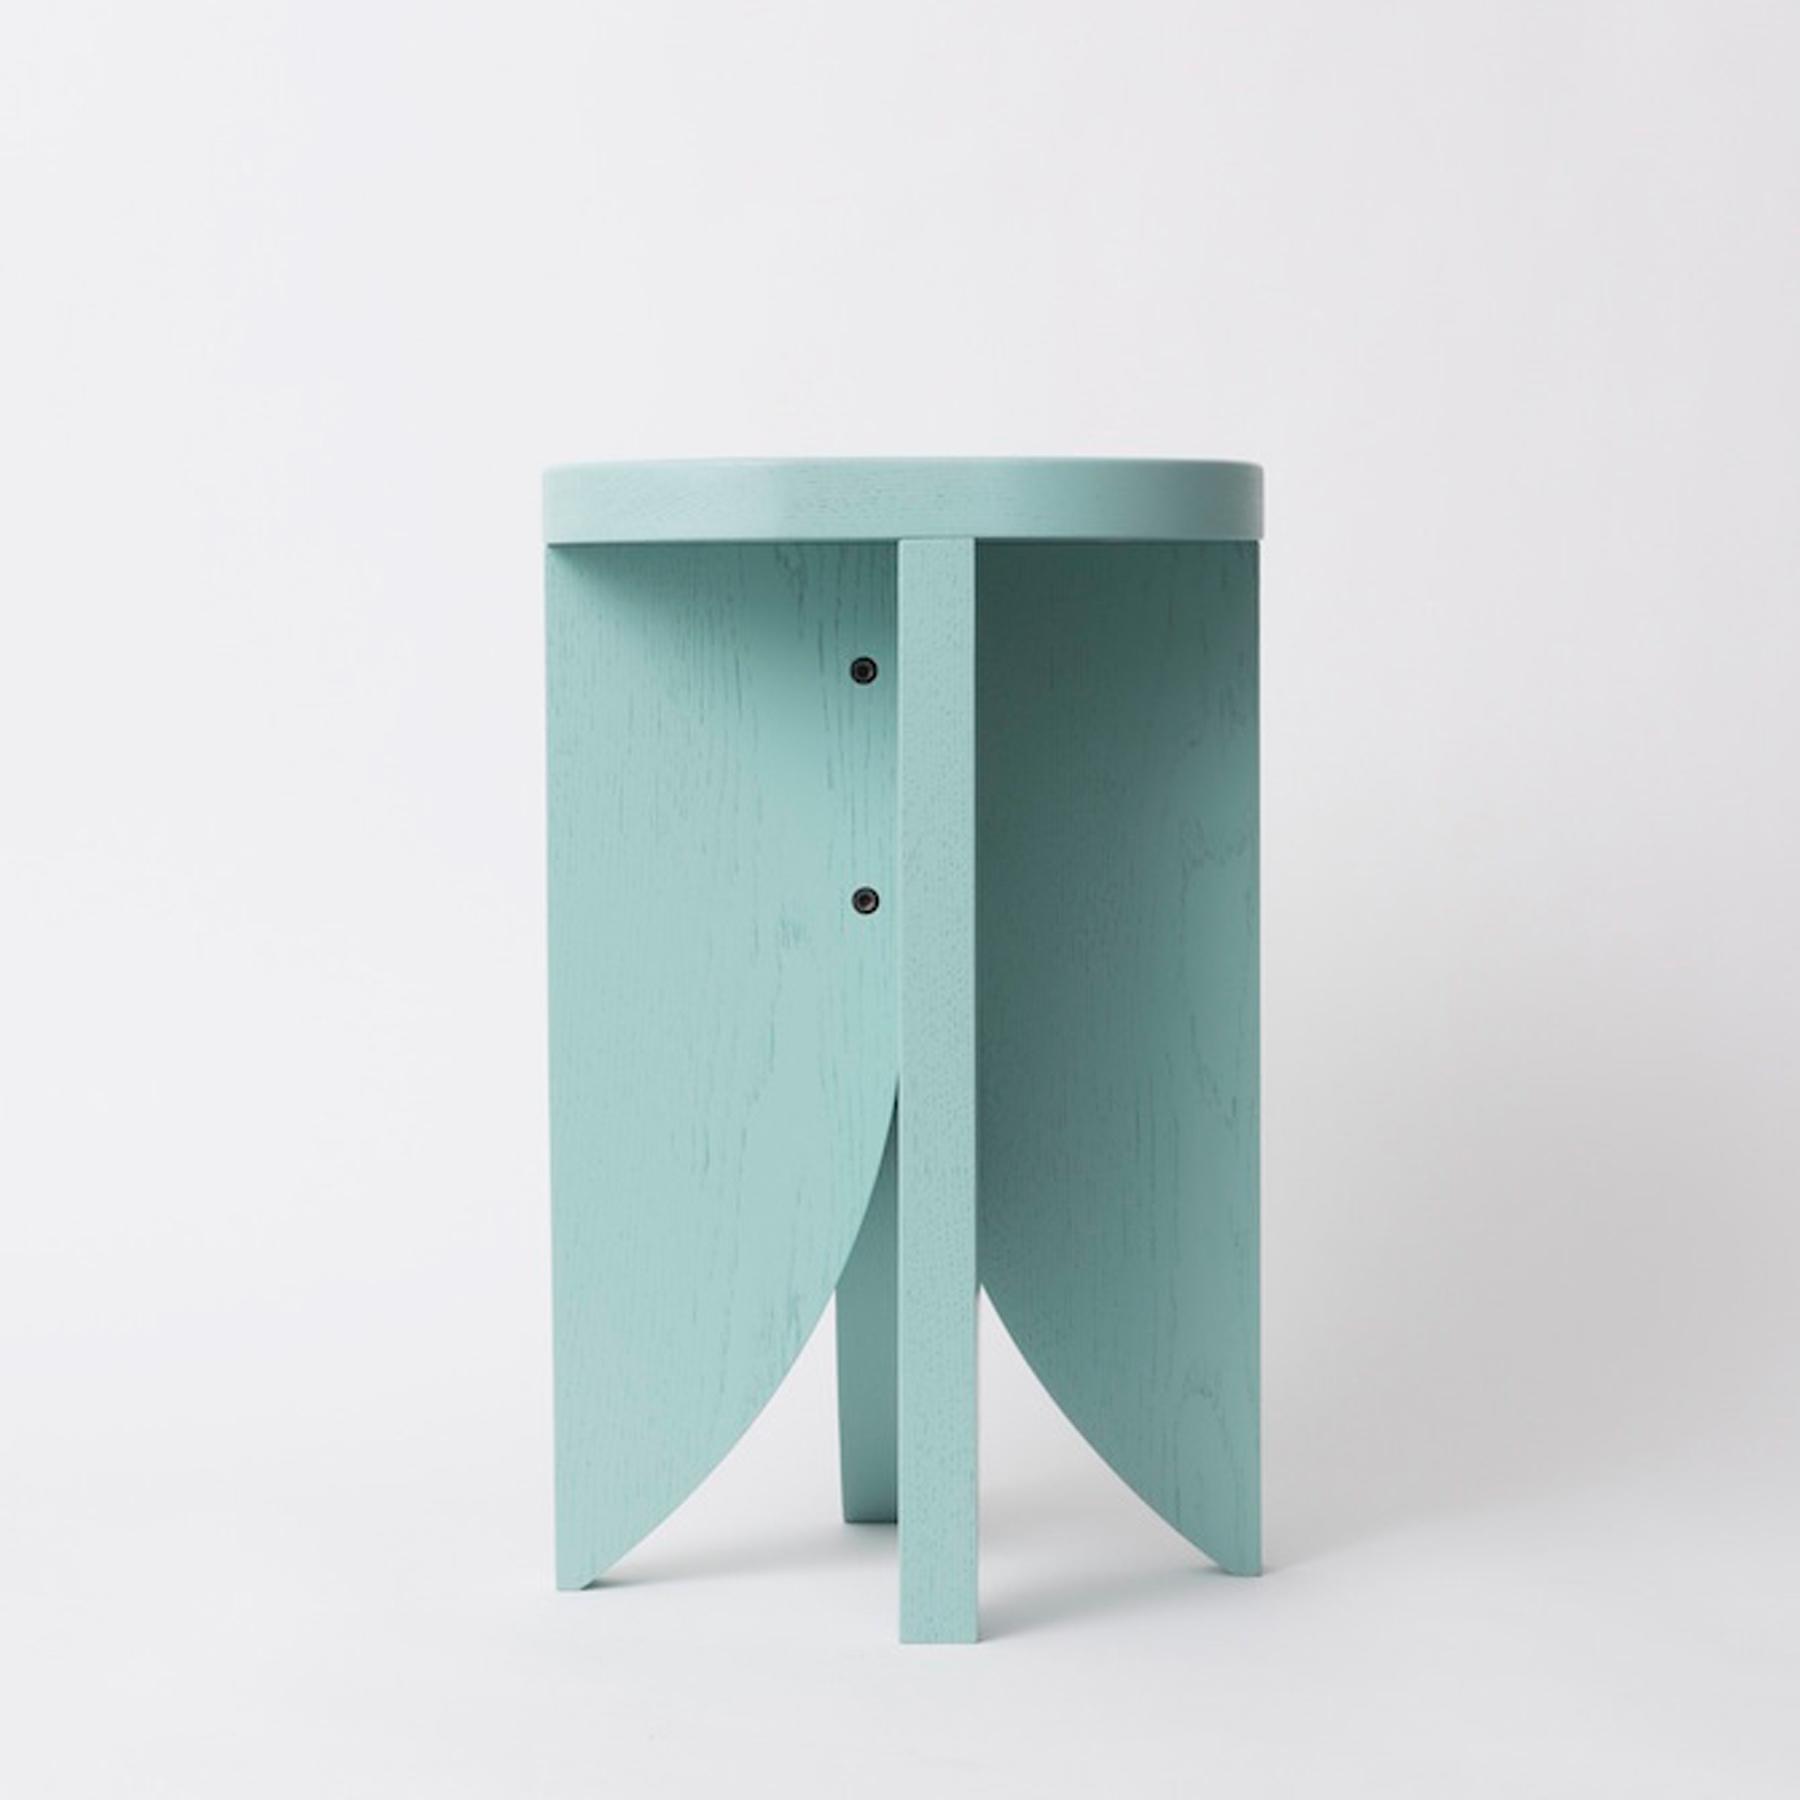 Toco Stool / Koichi Futatsumata Studio (2)